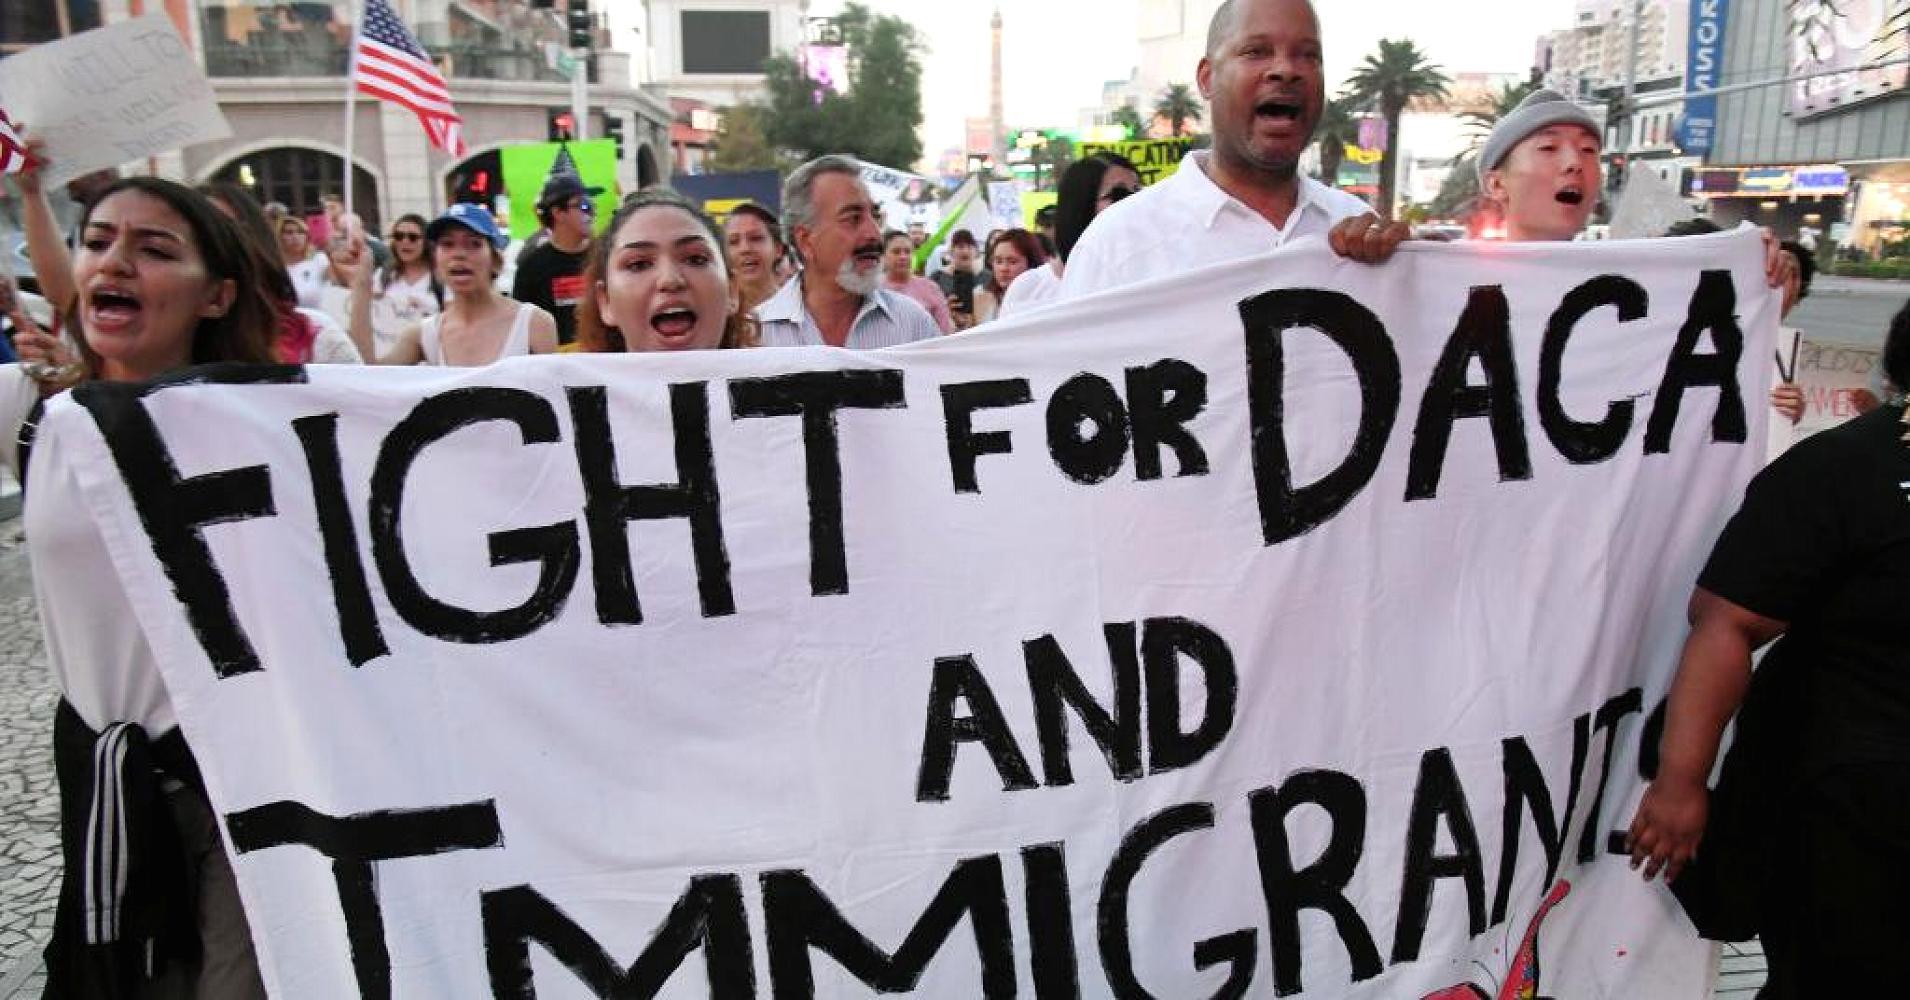 La lucha por los Dreamers toma un nuevo giro con la nueva propuesta de la Casa Blanca que exige una lista de sacrificios a cambio. Foto: Tomada de internet.